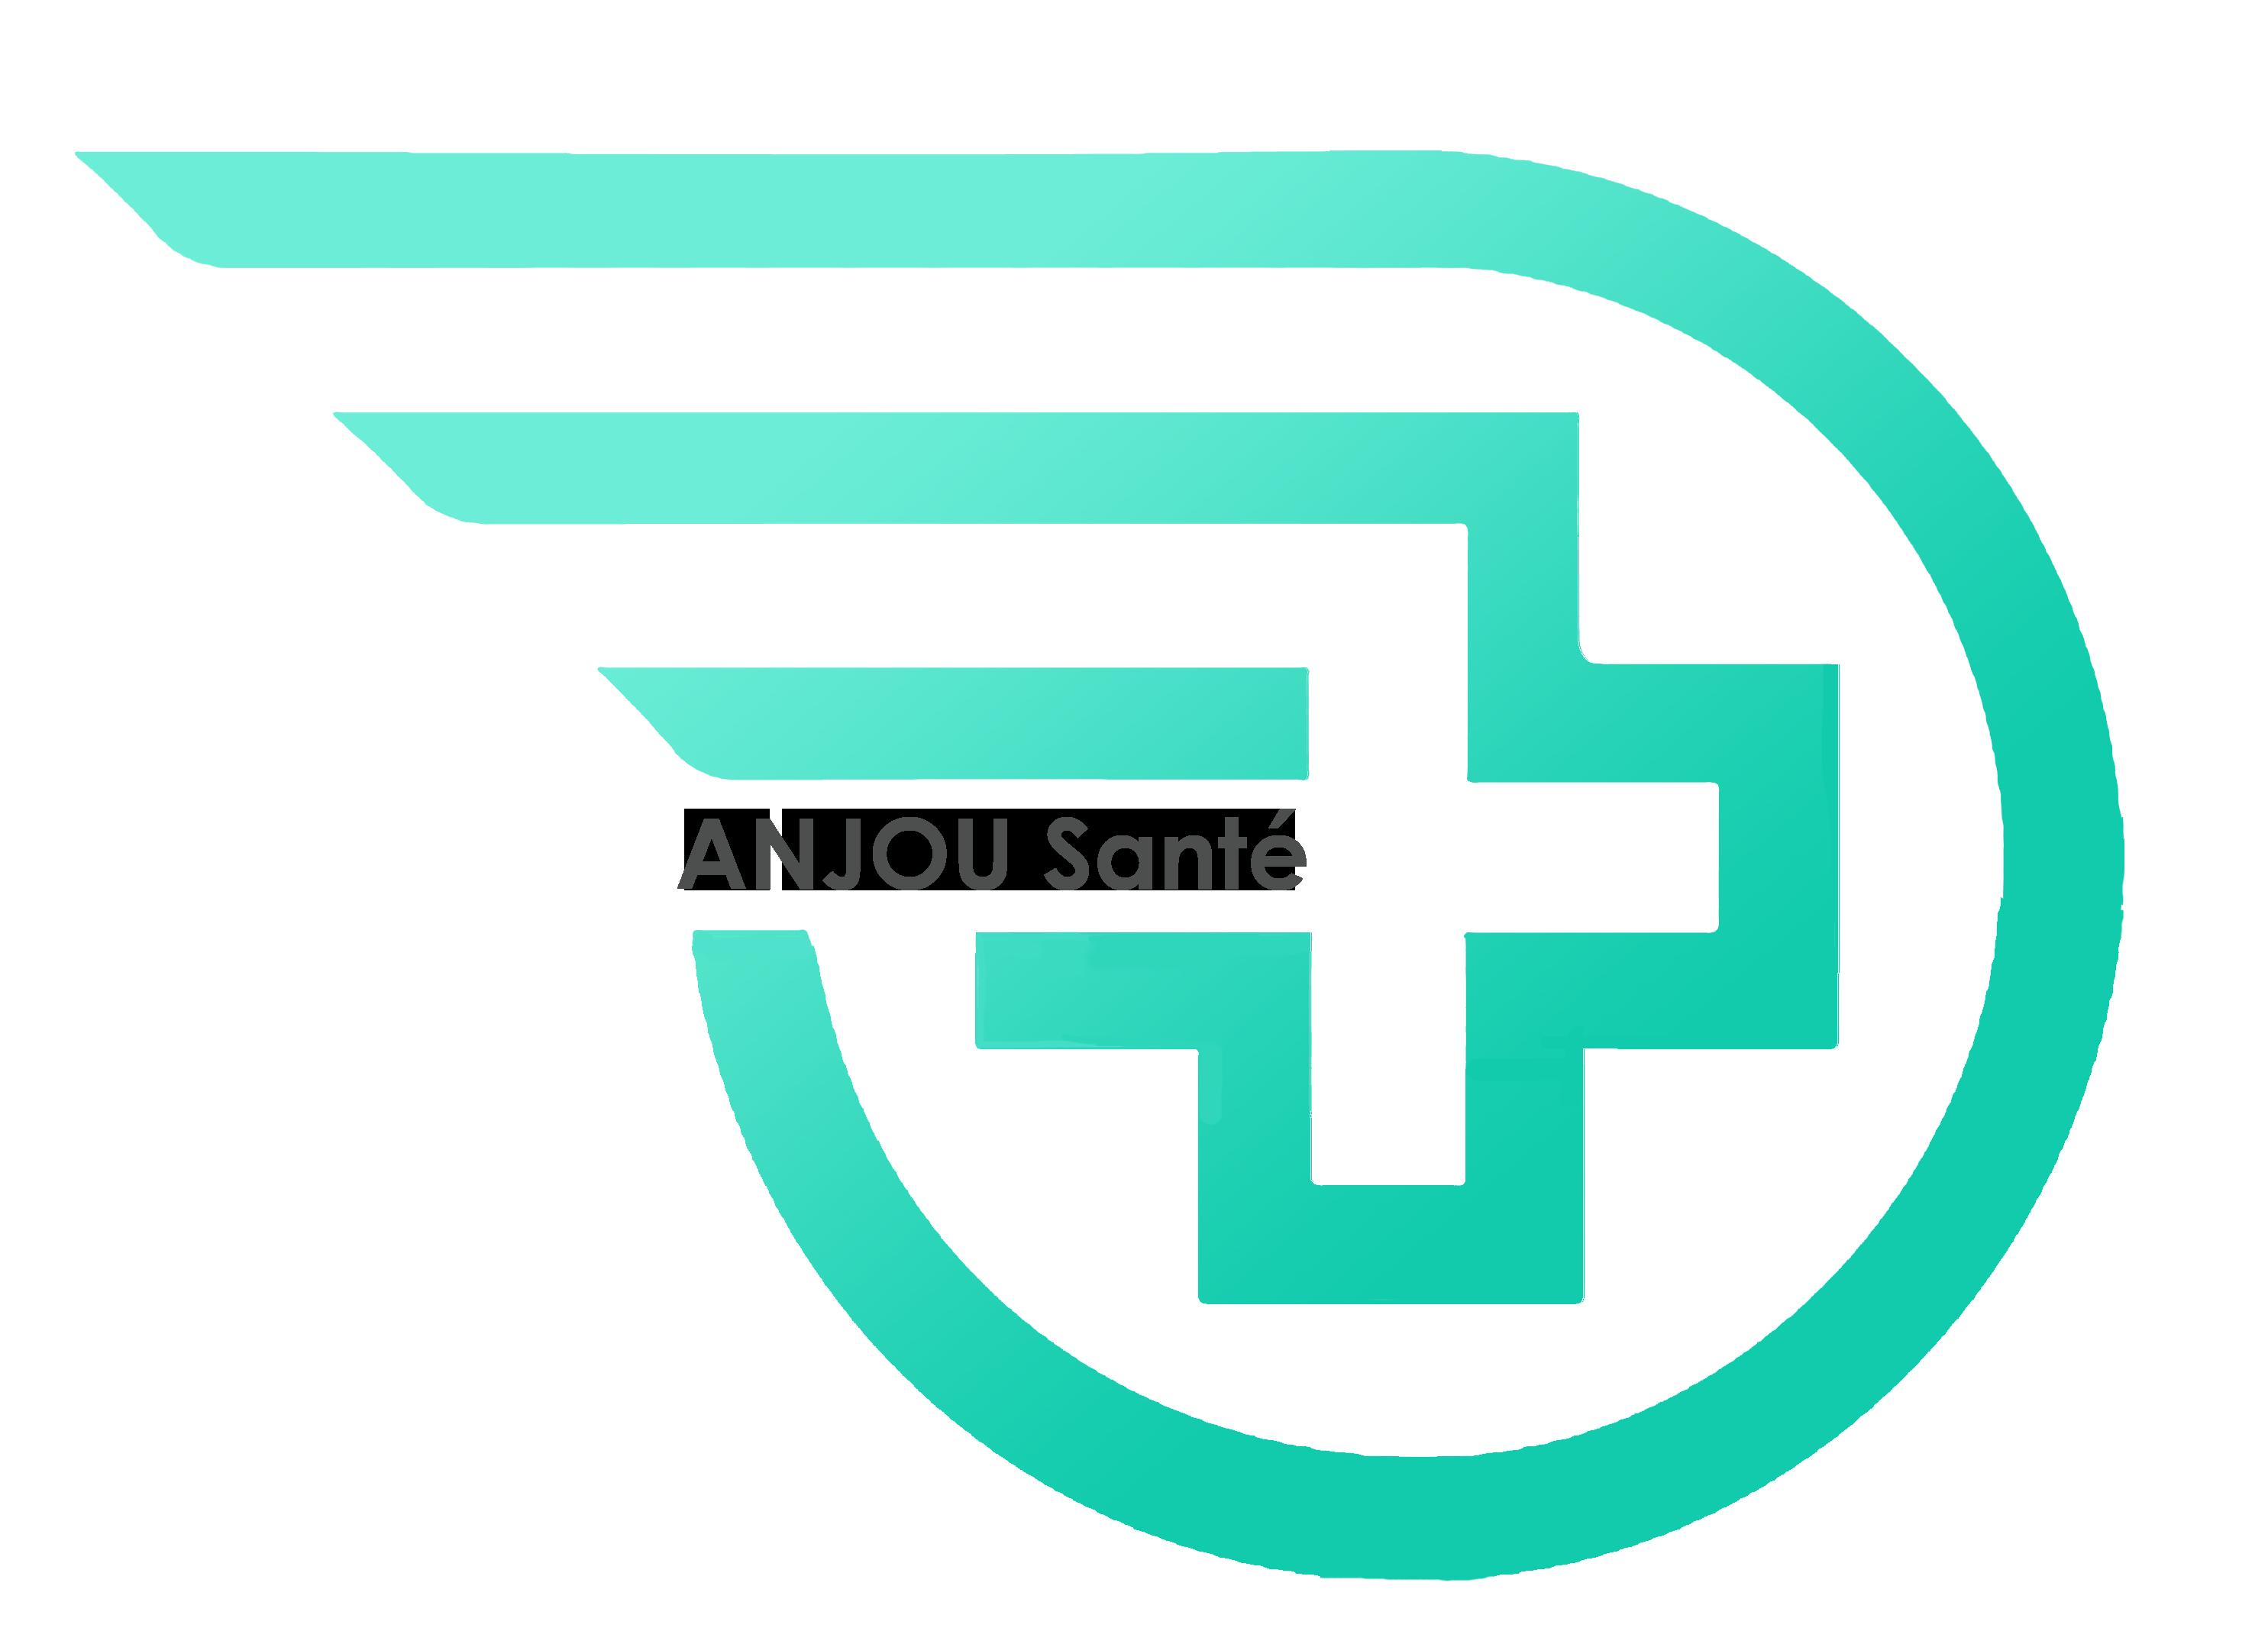 Anjou Santé - Grossiste et répartiteur pharmaceutique